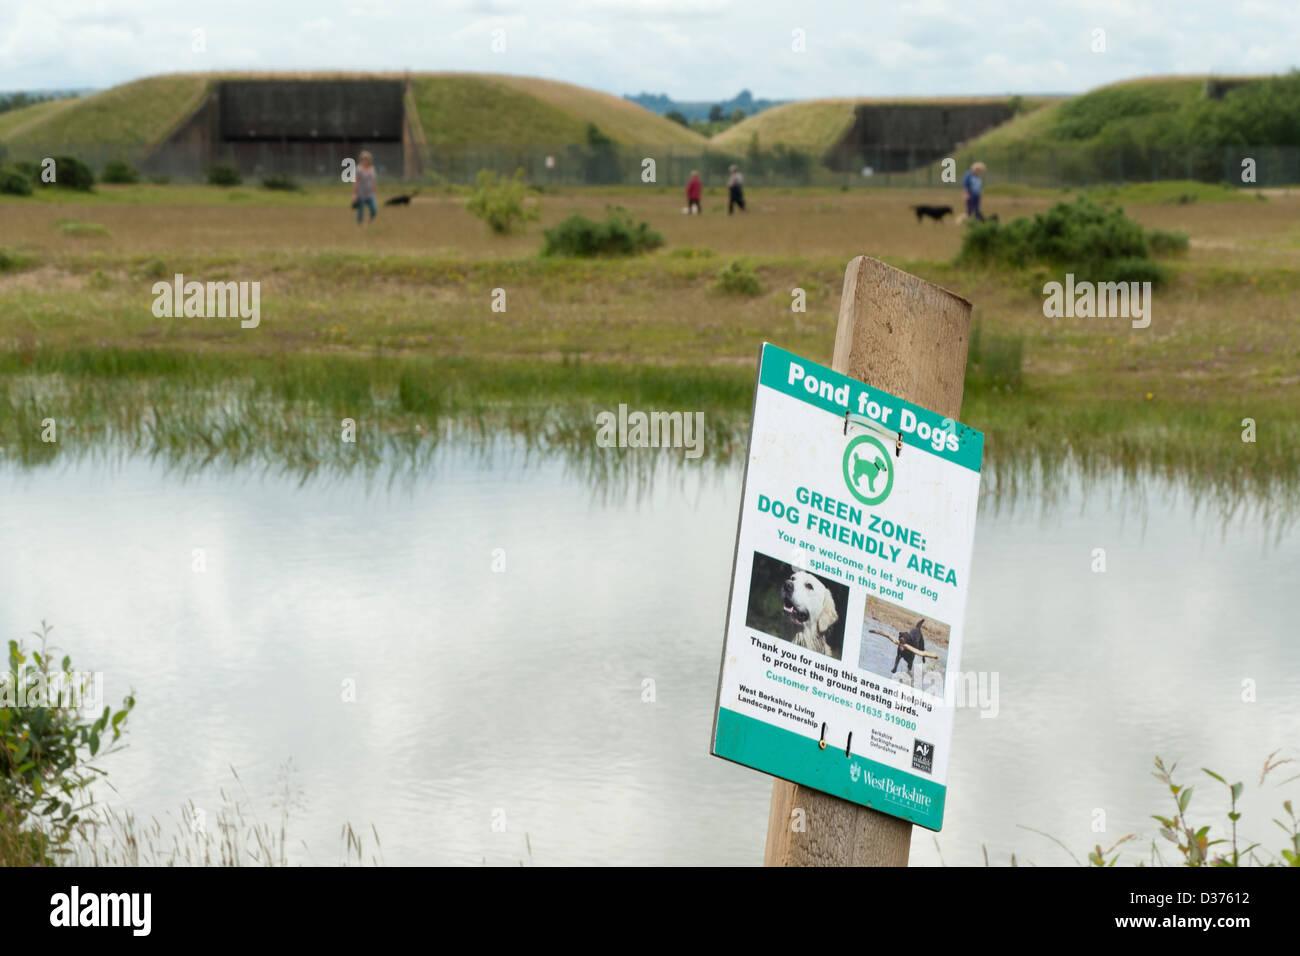 La restauration de l'Étang: Commun Greenham pour chiens panneau; dog walkers et vieux silos Photo Stock